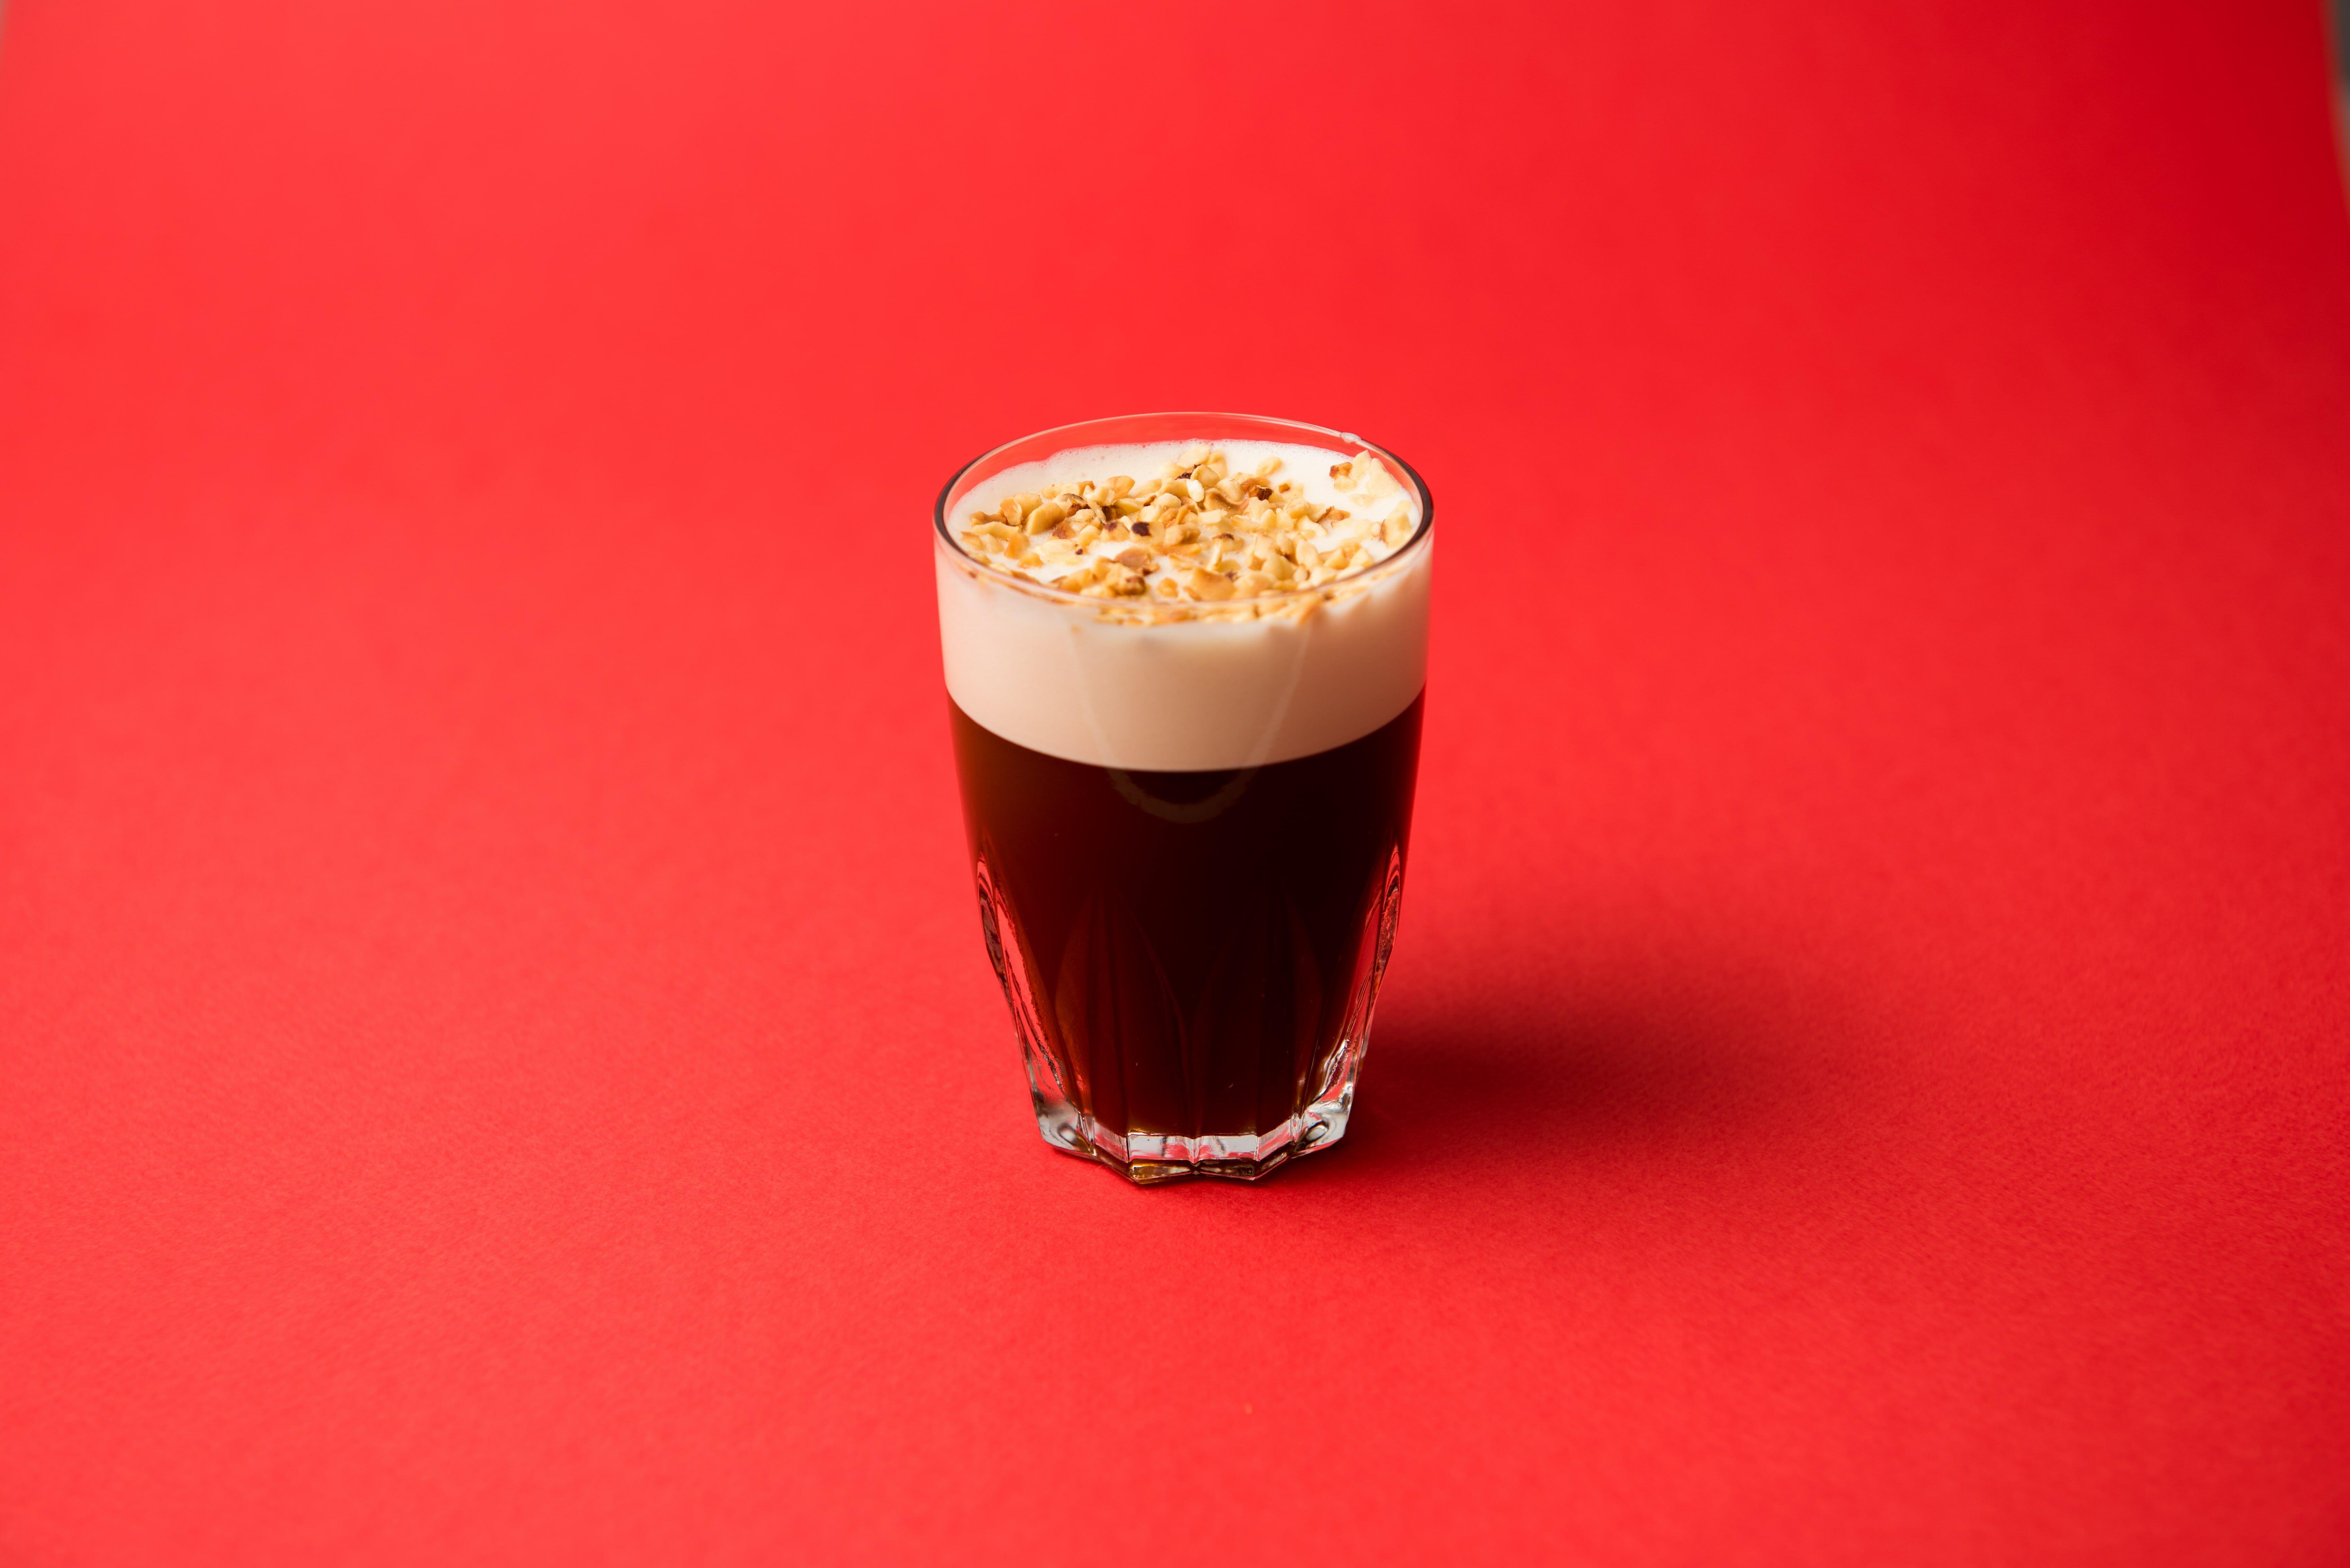 the espresso martini society